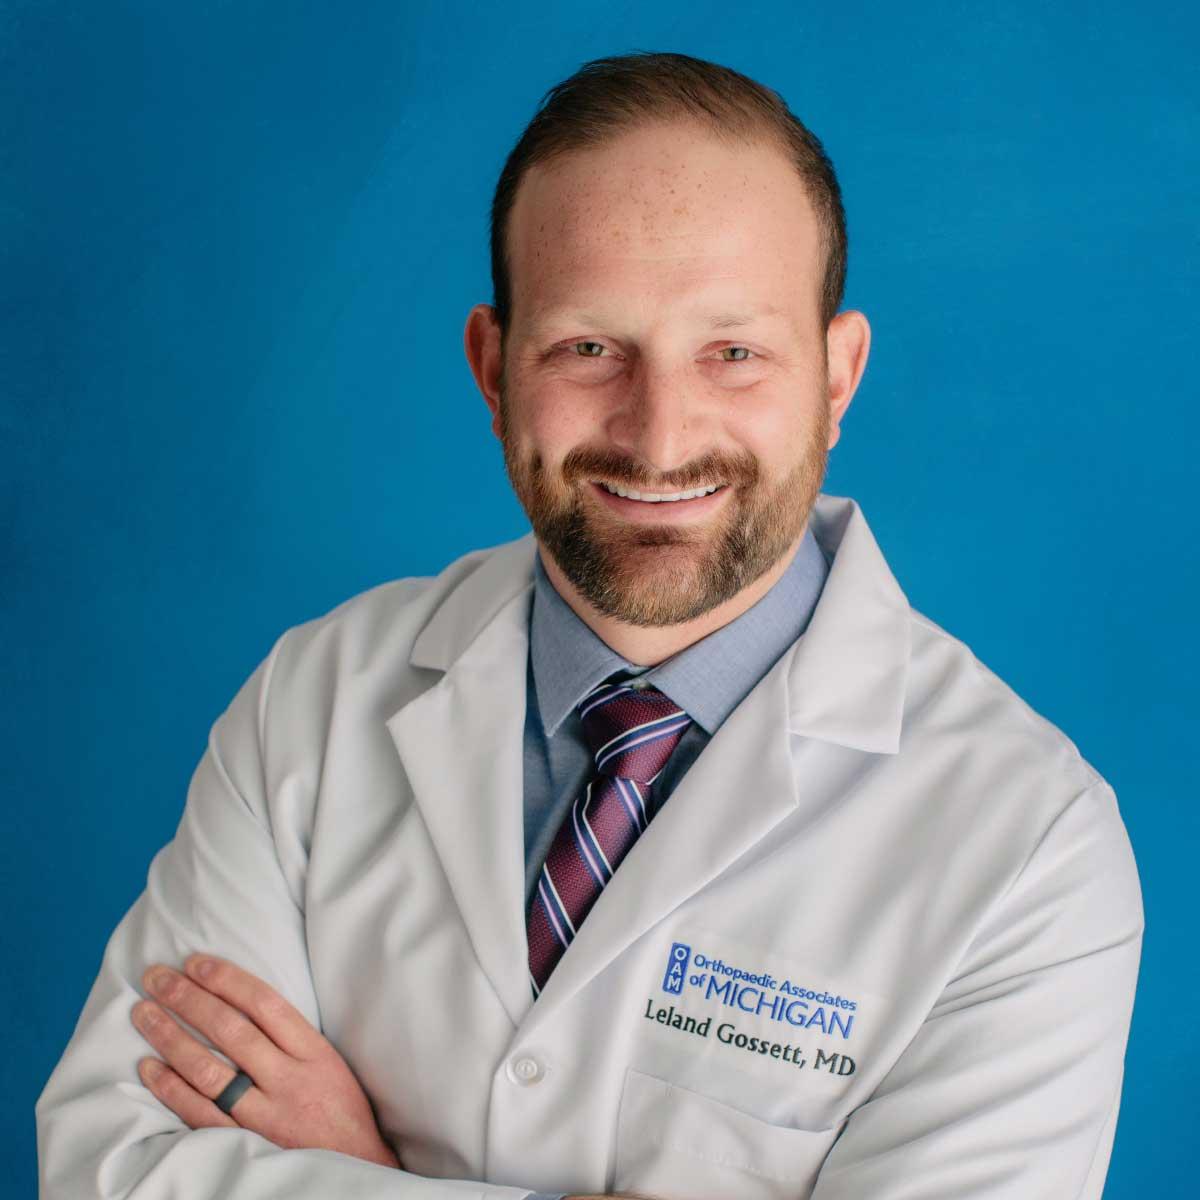 Leland Gossett, MD